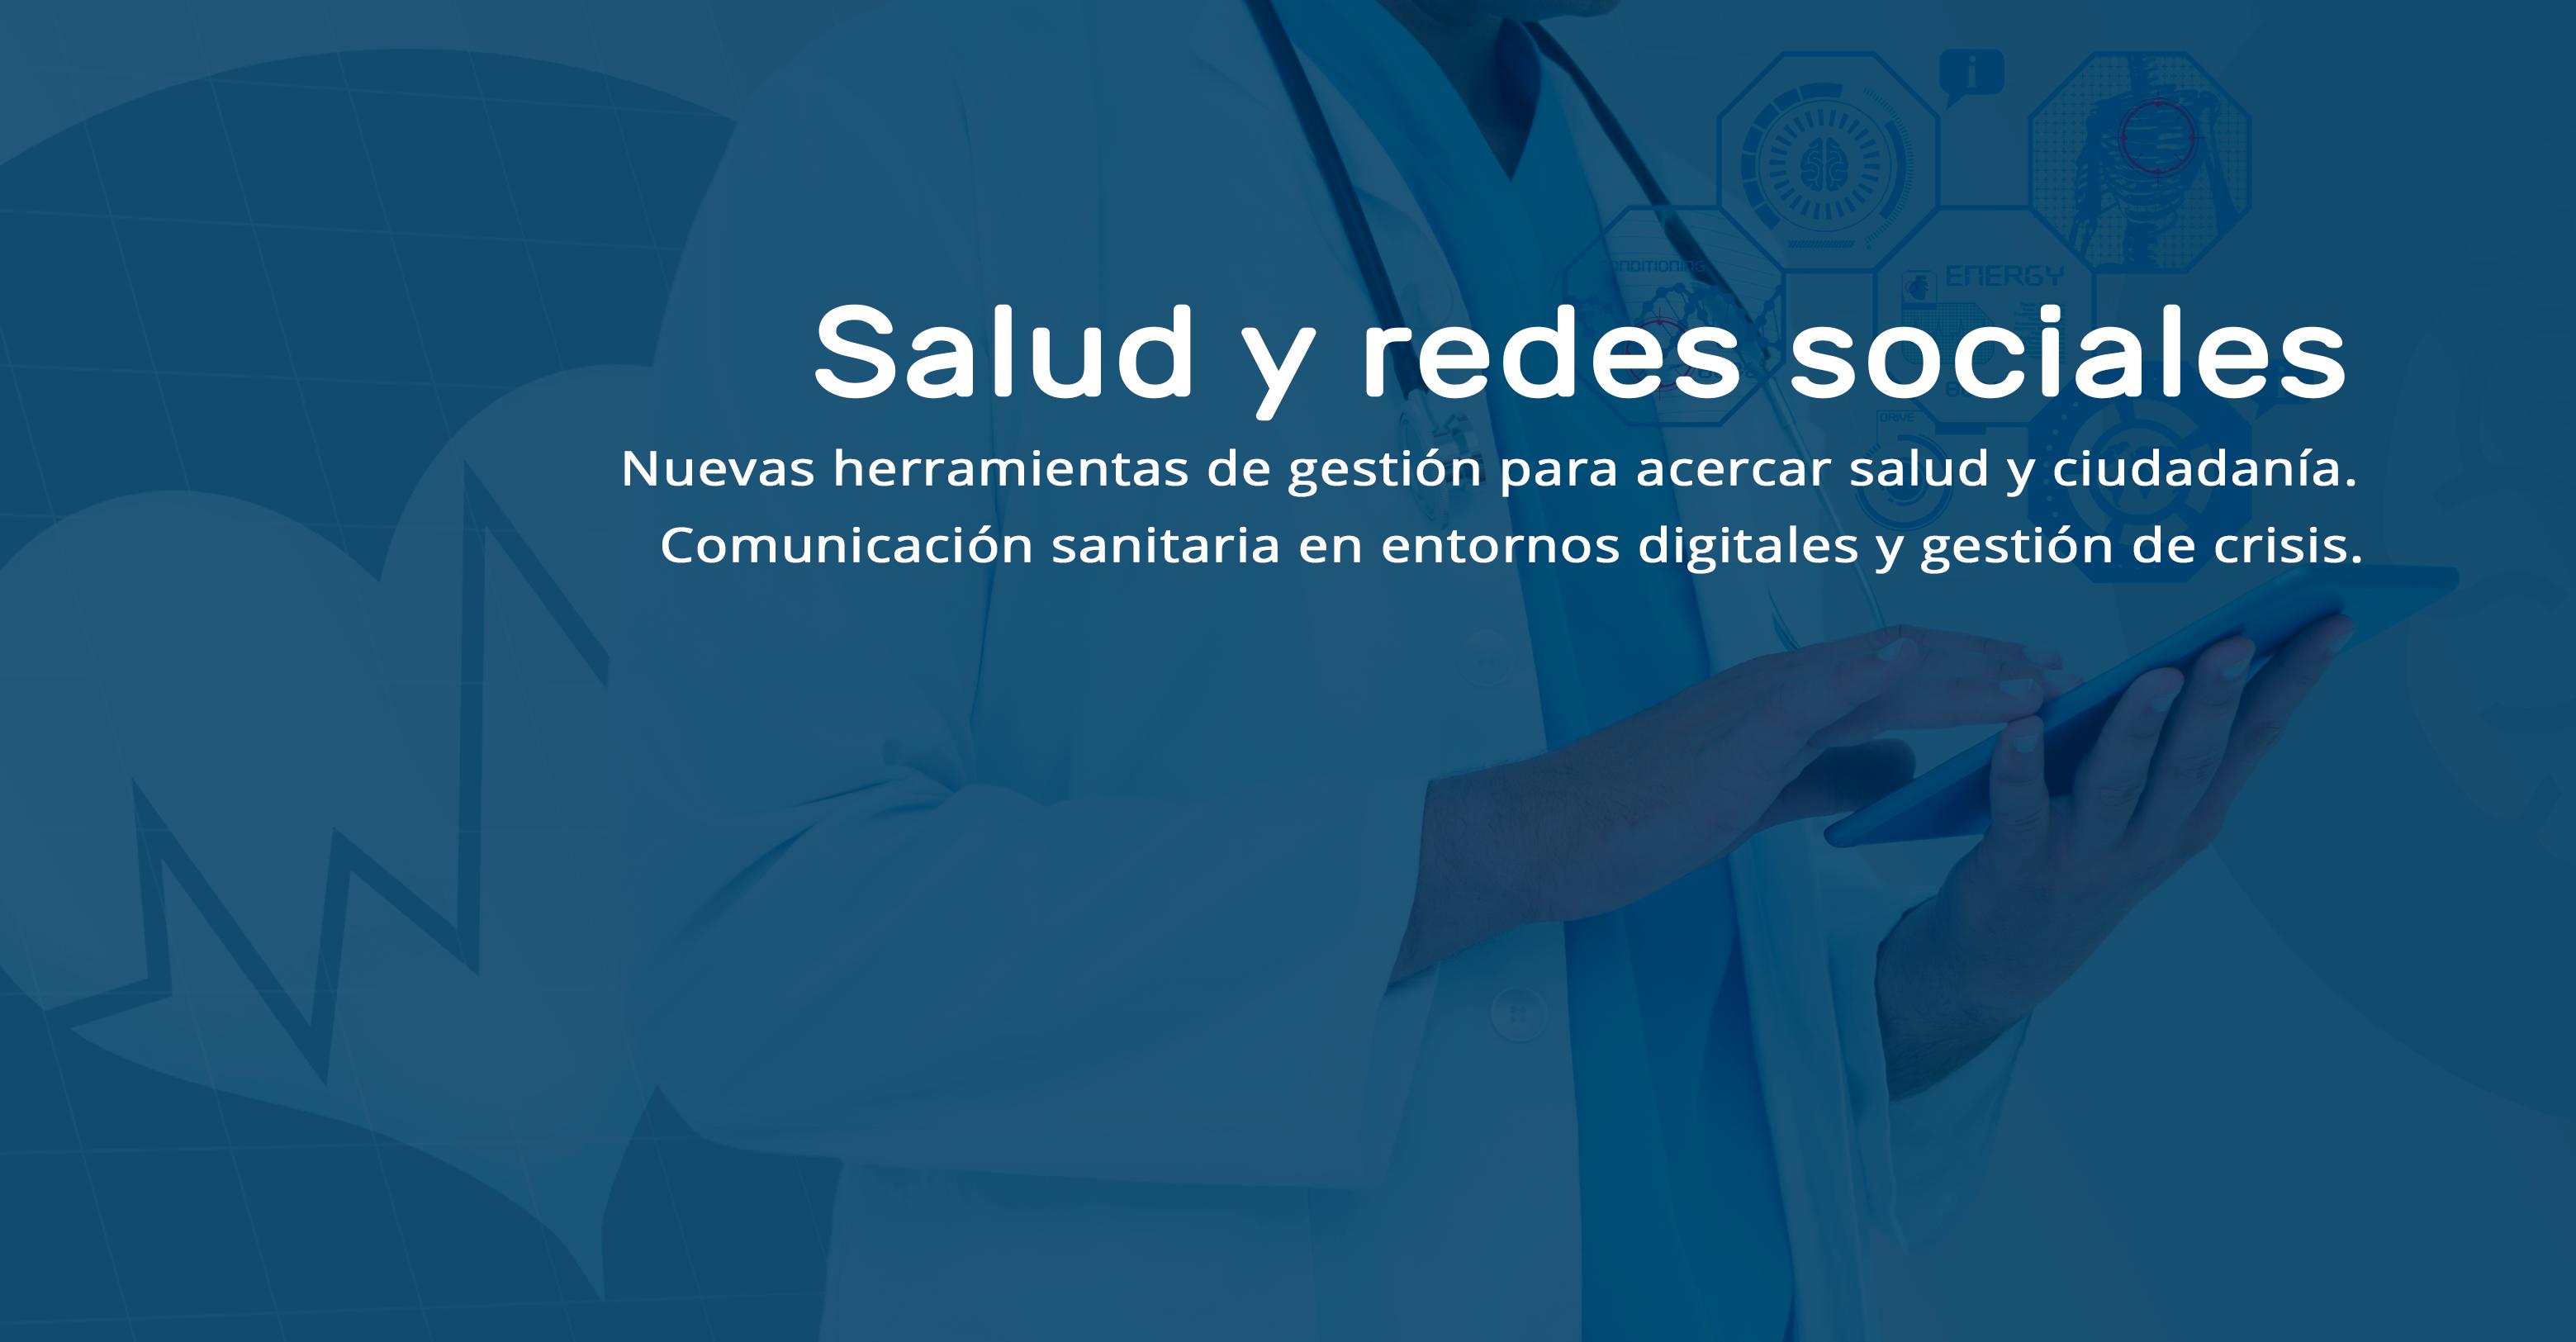 Salud y Redes Sociales